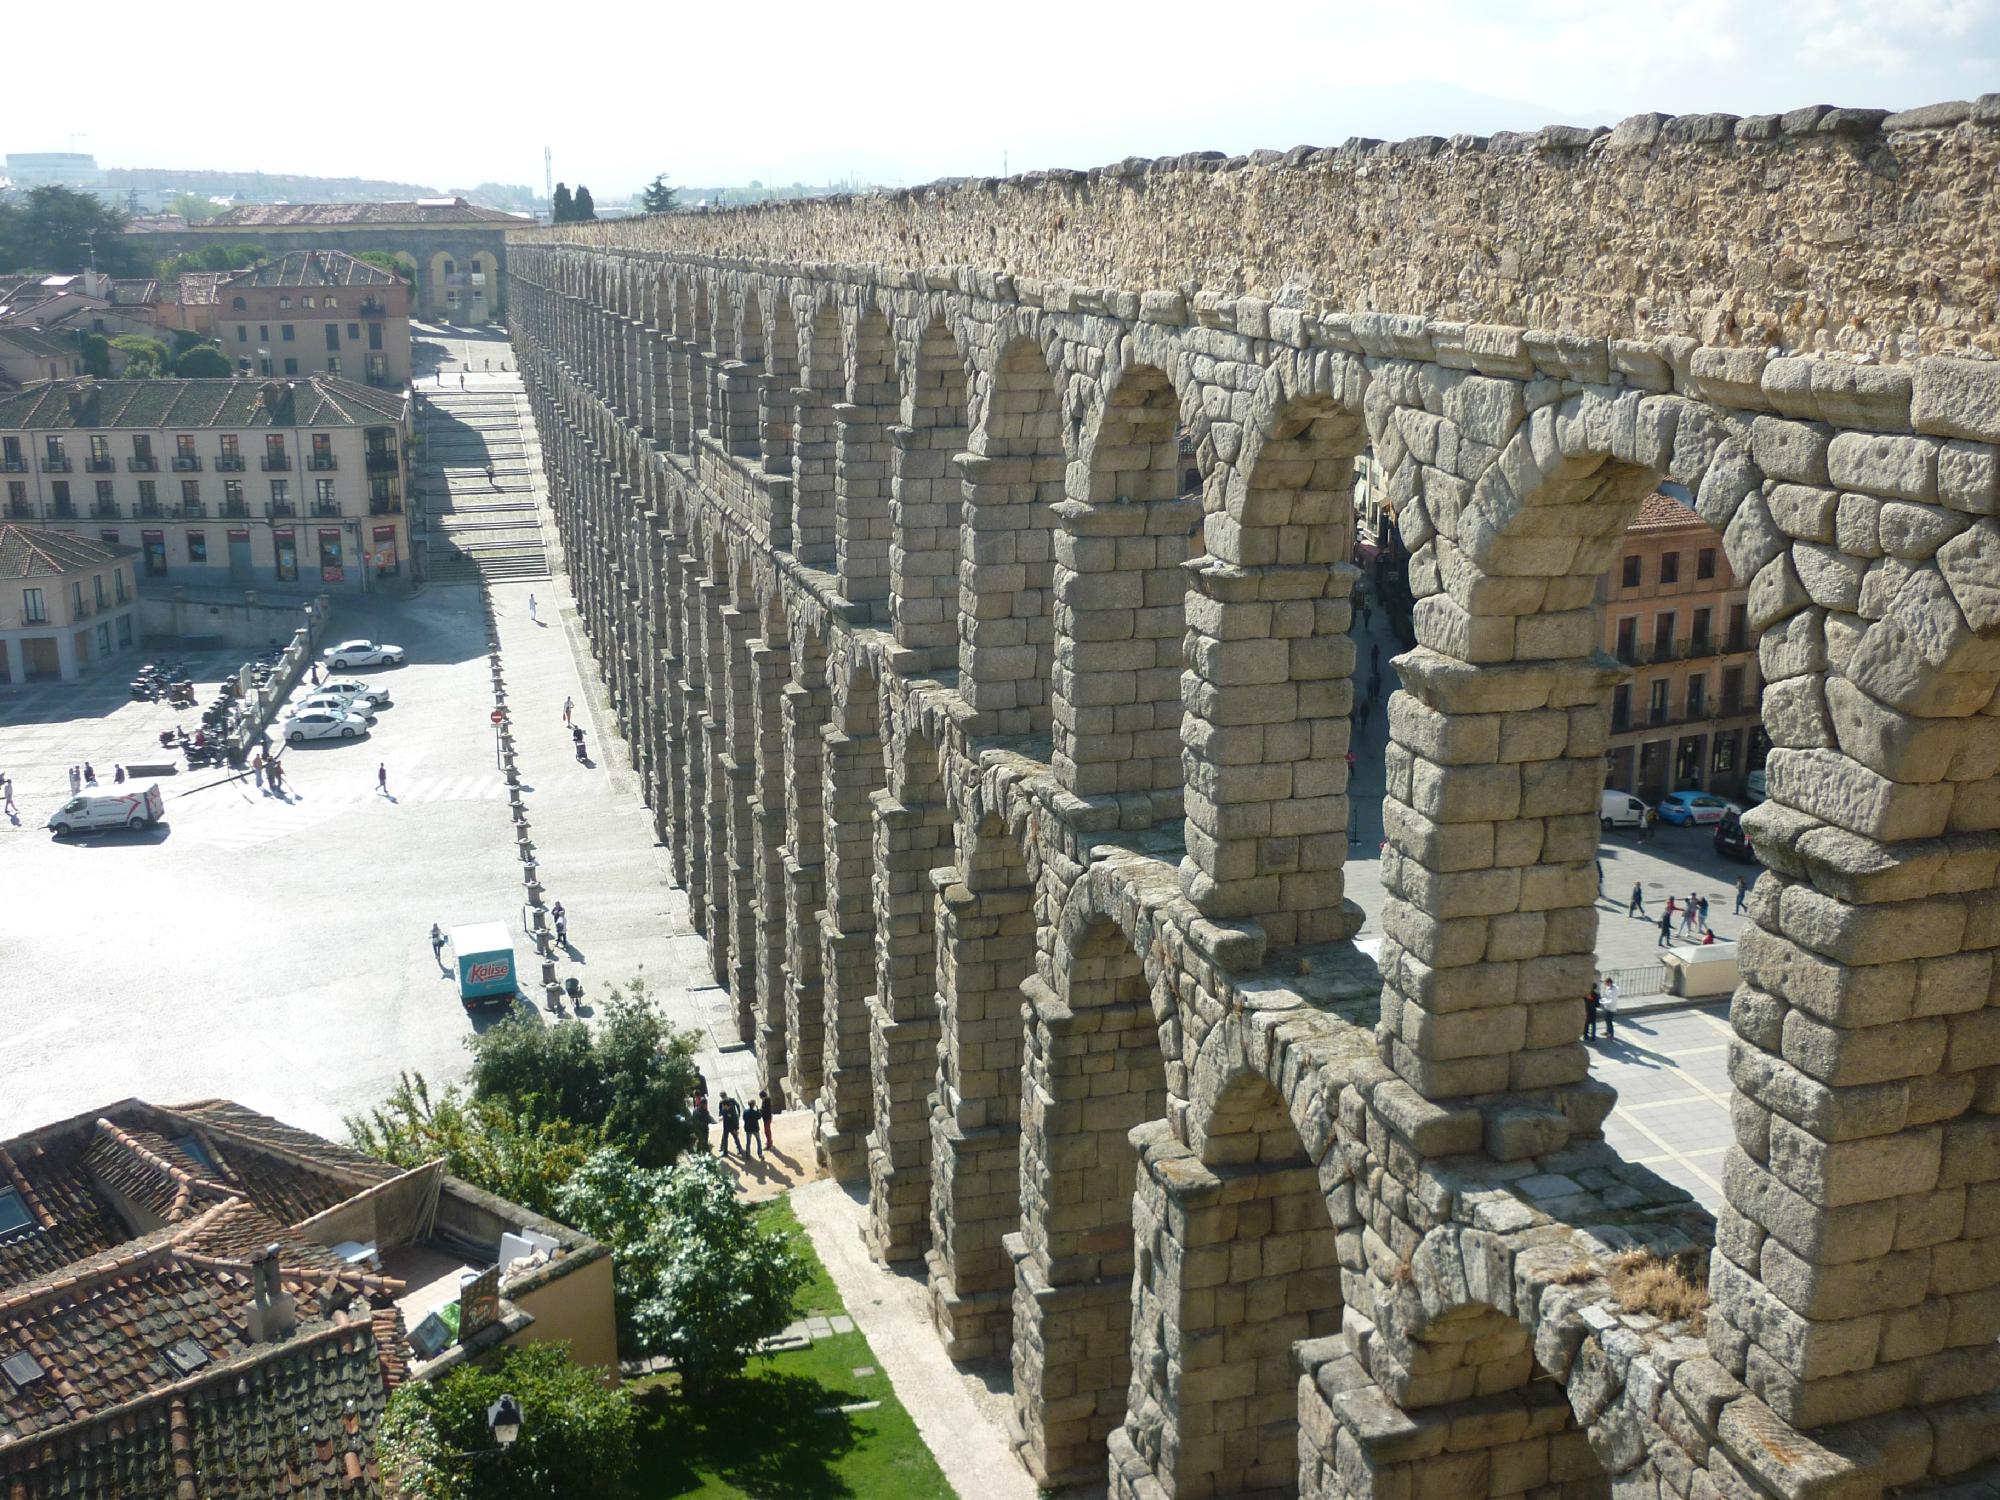 Segovia Aqueducto